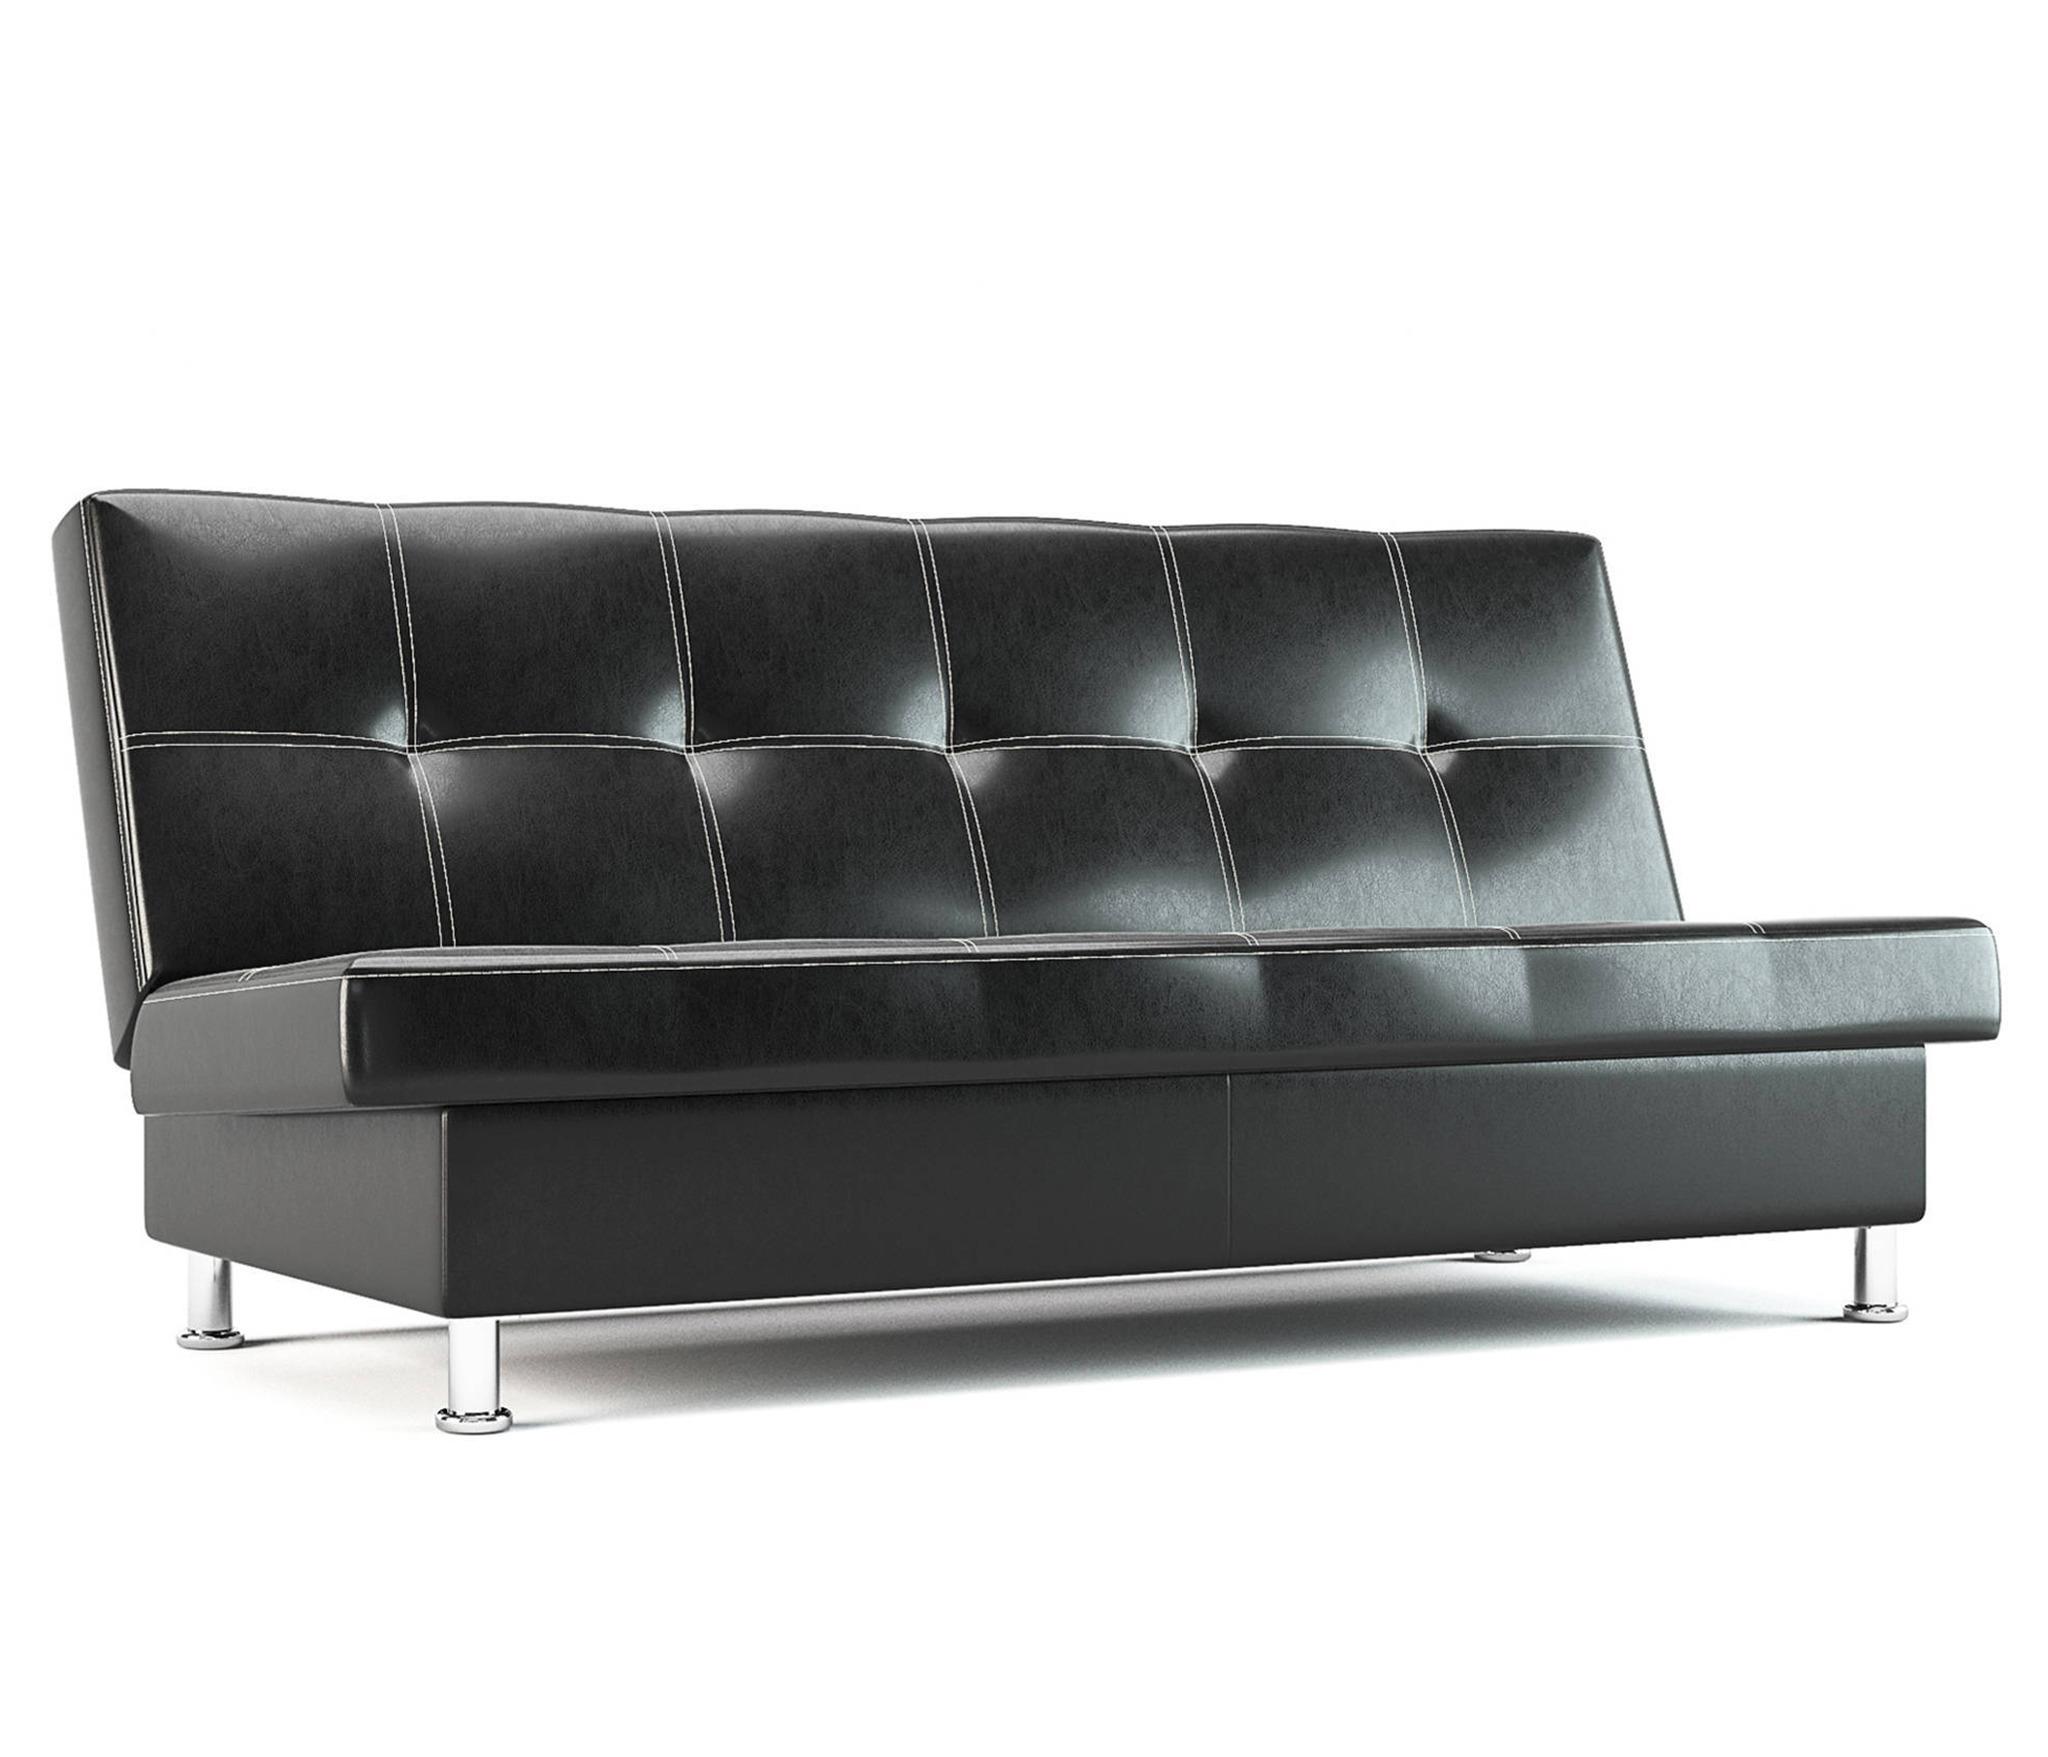 Бомонд диван-кровать M/0,8/CZМягкая мебель<br>метал.опоры &#13;мех.трансформации Клик-кляк(книжка-релакс -три положения) &#13;Каркас: &#13;Брус, фанера, ЛДСП, ДВП. &#13;Наполнение: &#13;ППУ, синтепон. &#13;Размеры: &#13;длина-1870 &#13;глубина-770 &#13;высота спинки-800 &#13;высота сиденья-420 &#13;спальное место-1870*1100 &#13;Бельевой ящик: есть. ]]&gt;<br><br>Длина мм: 1870<br>Высота мм: 730<br>Глубина мм: 710